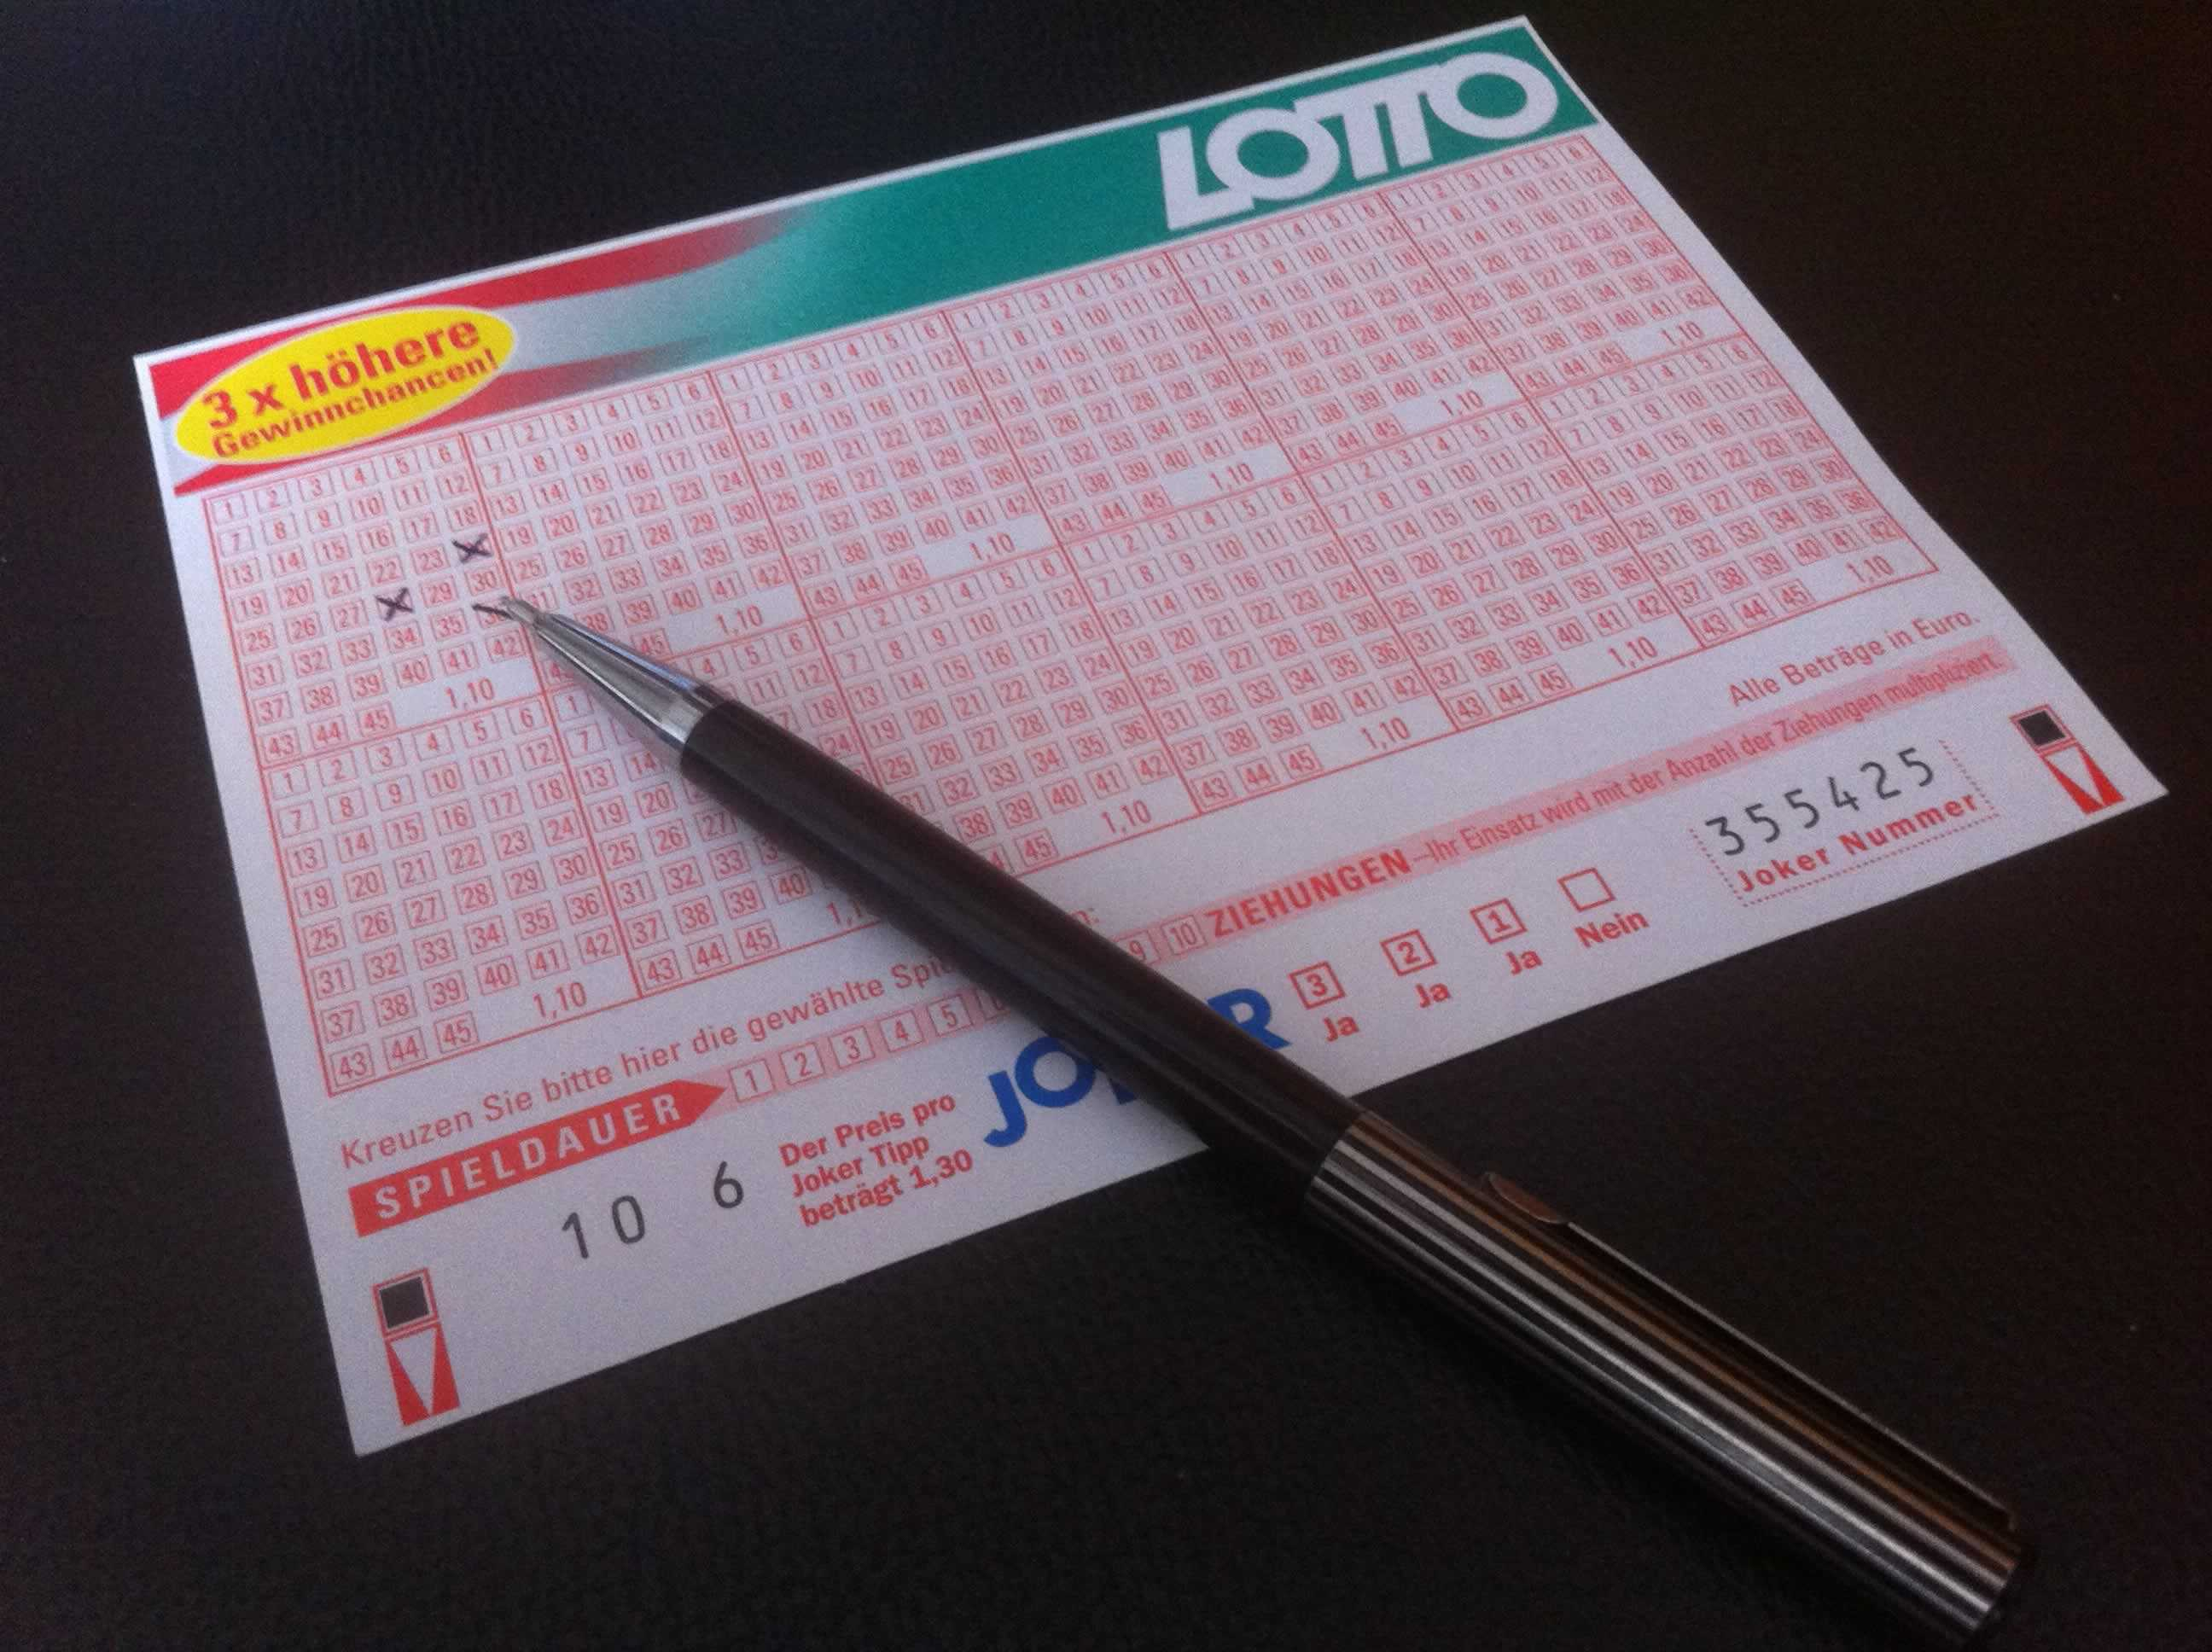 Lotto agent лучшие государственные лотереи мира